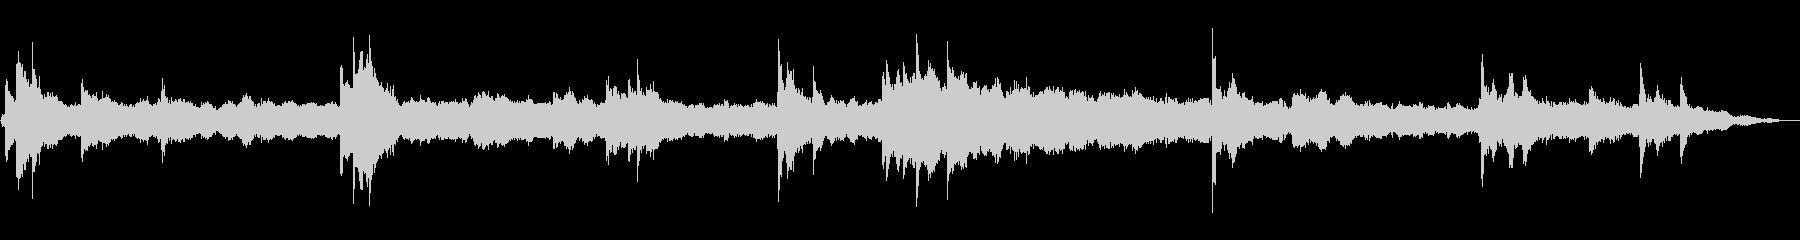 チャイムリンギング3の未再生の波形